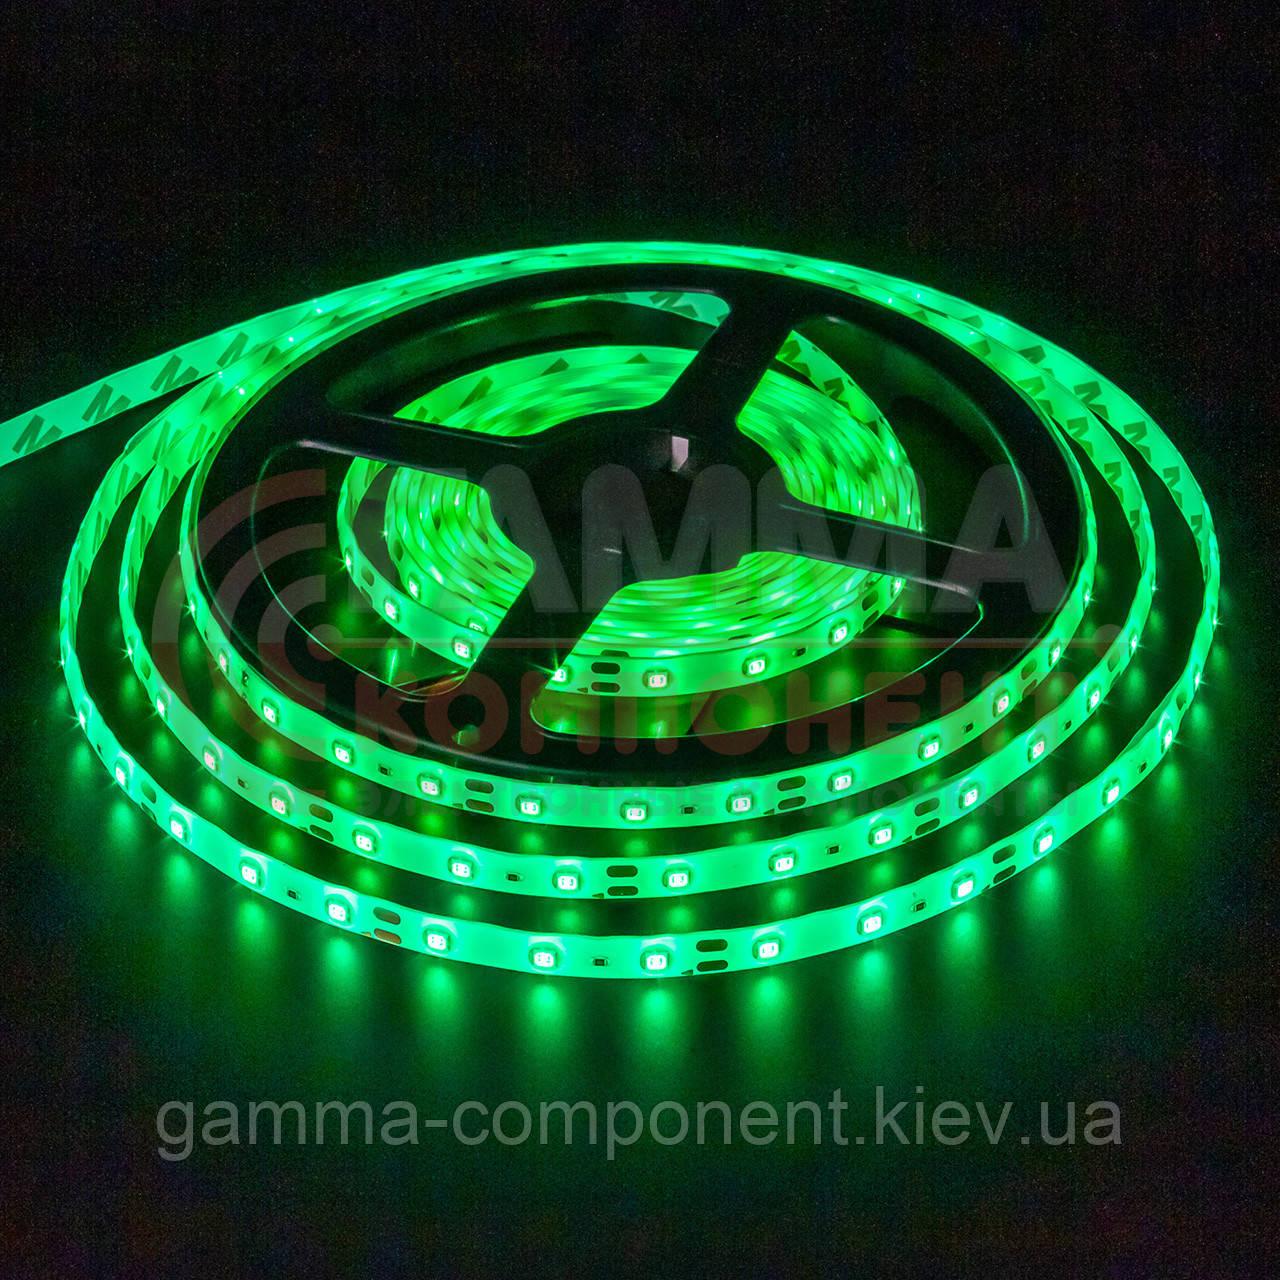 Светодиодная лента SMD 3528 (60 LED/м), зеленый, IP65, 12В